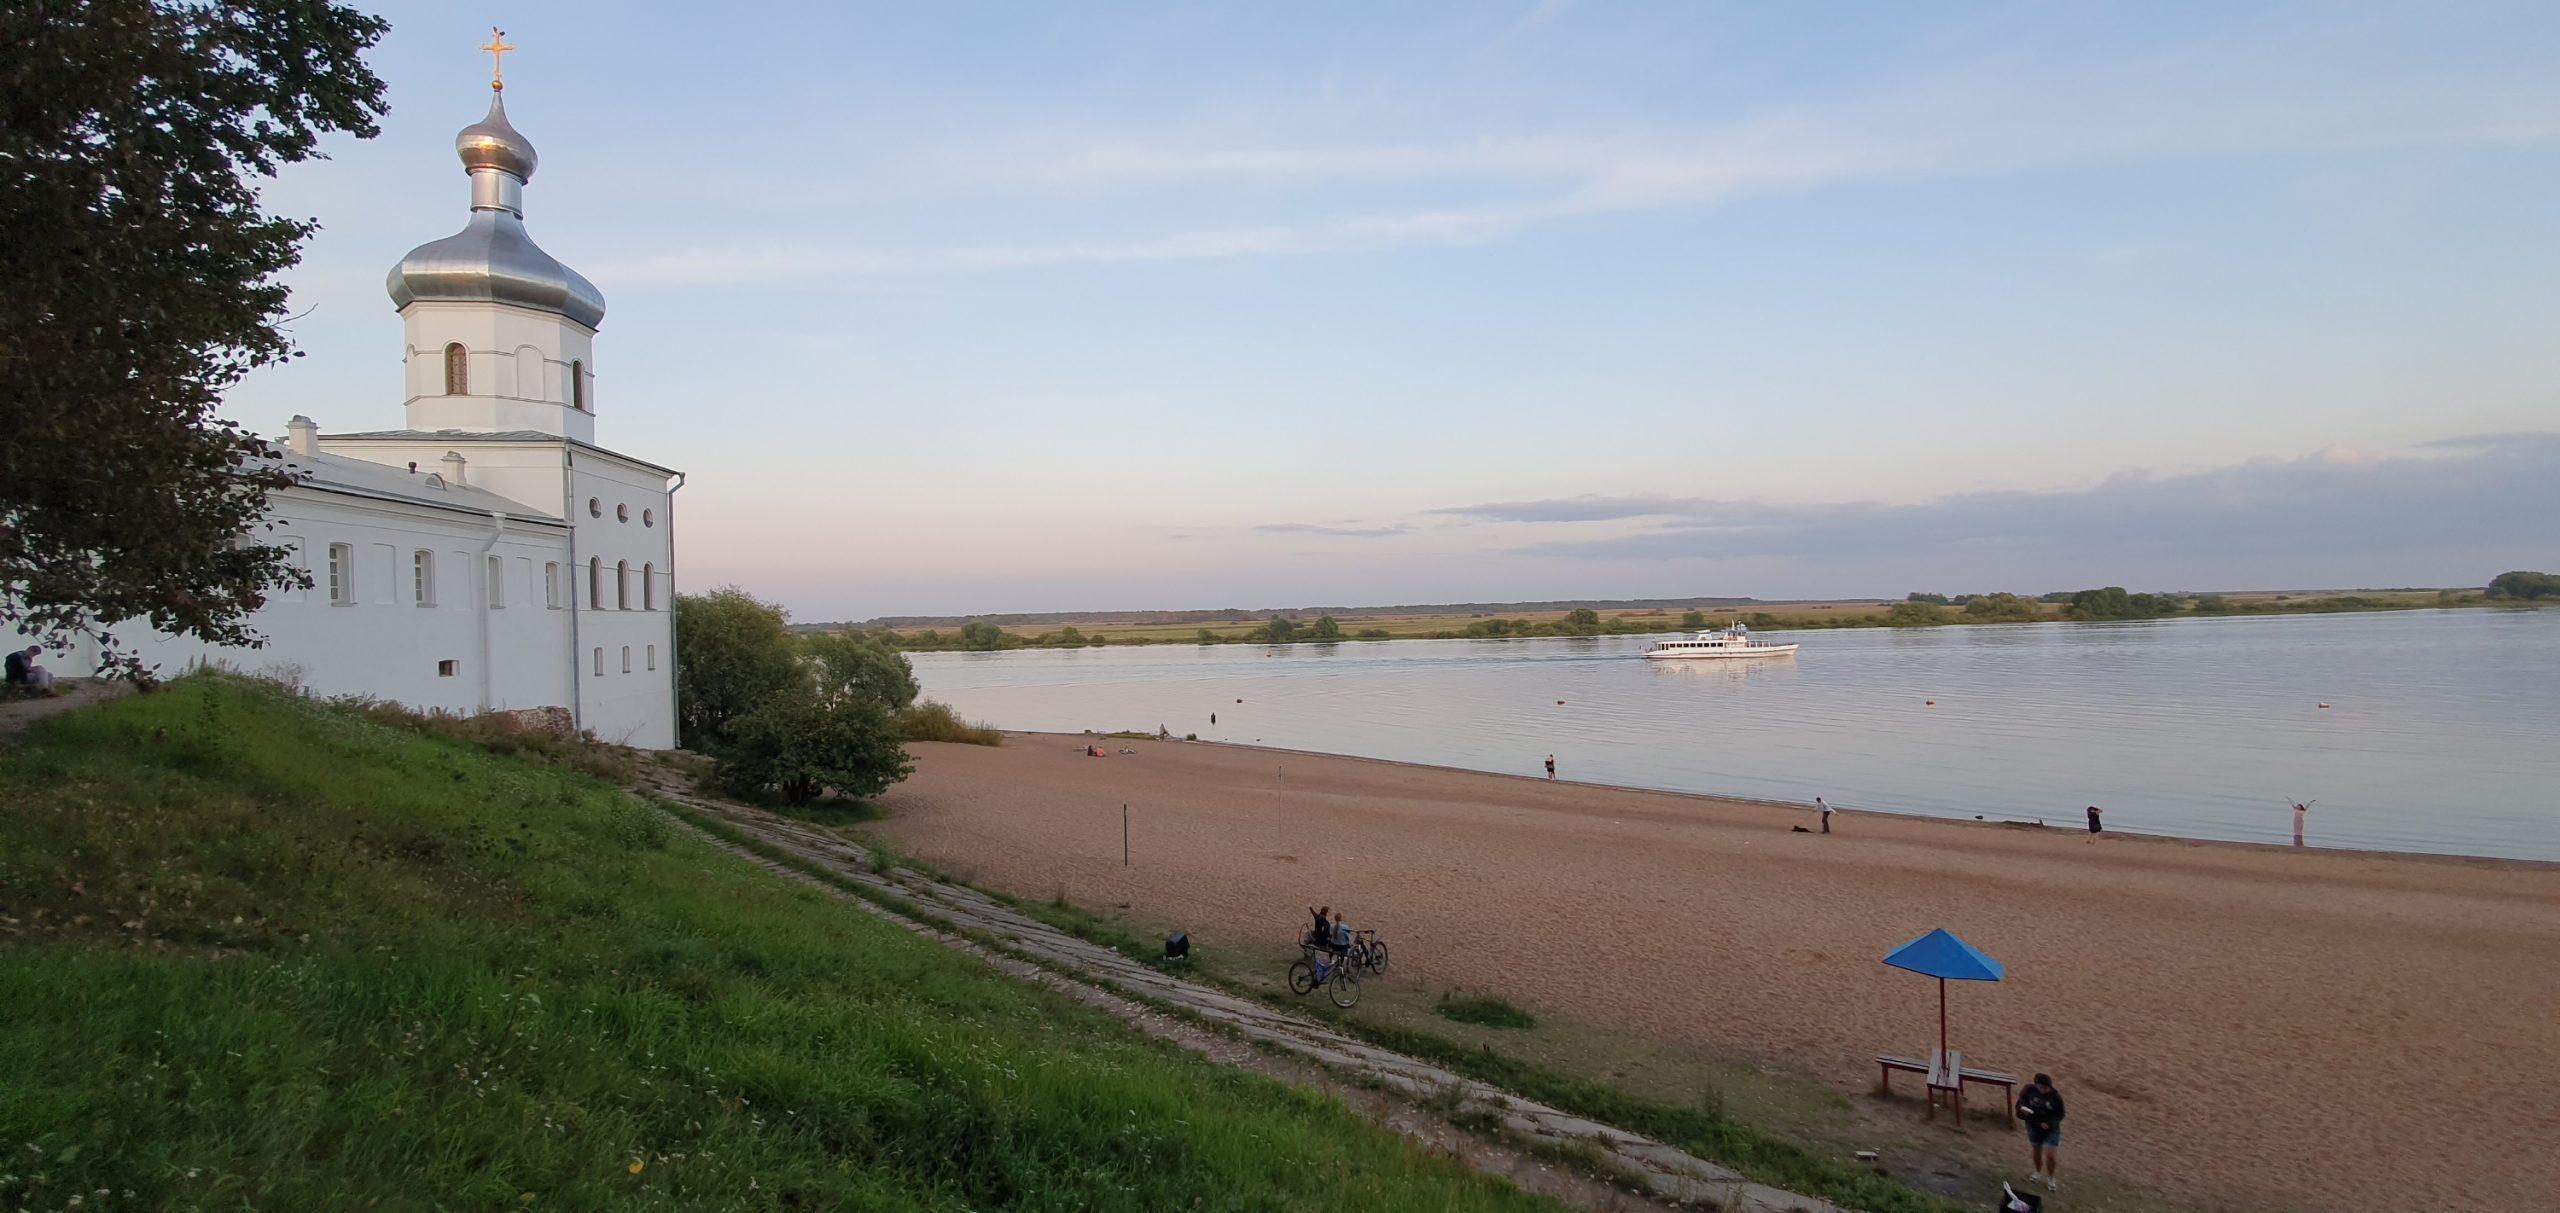 31 août : Sur la route de Saint Pétersbourg